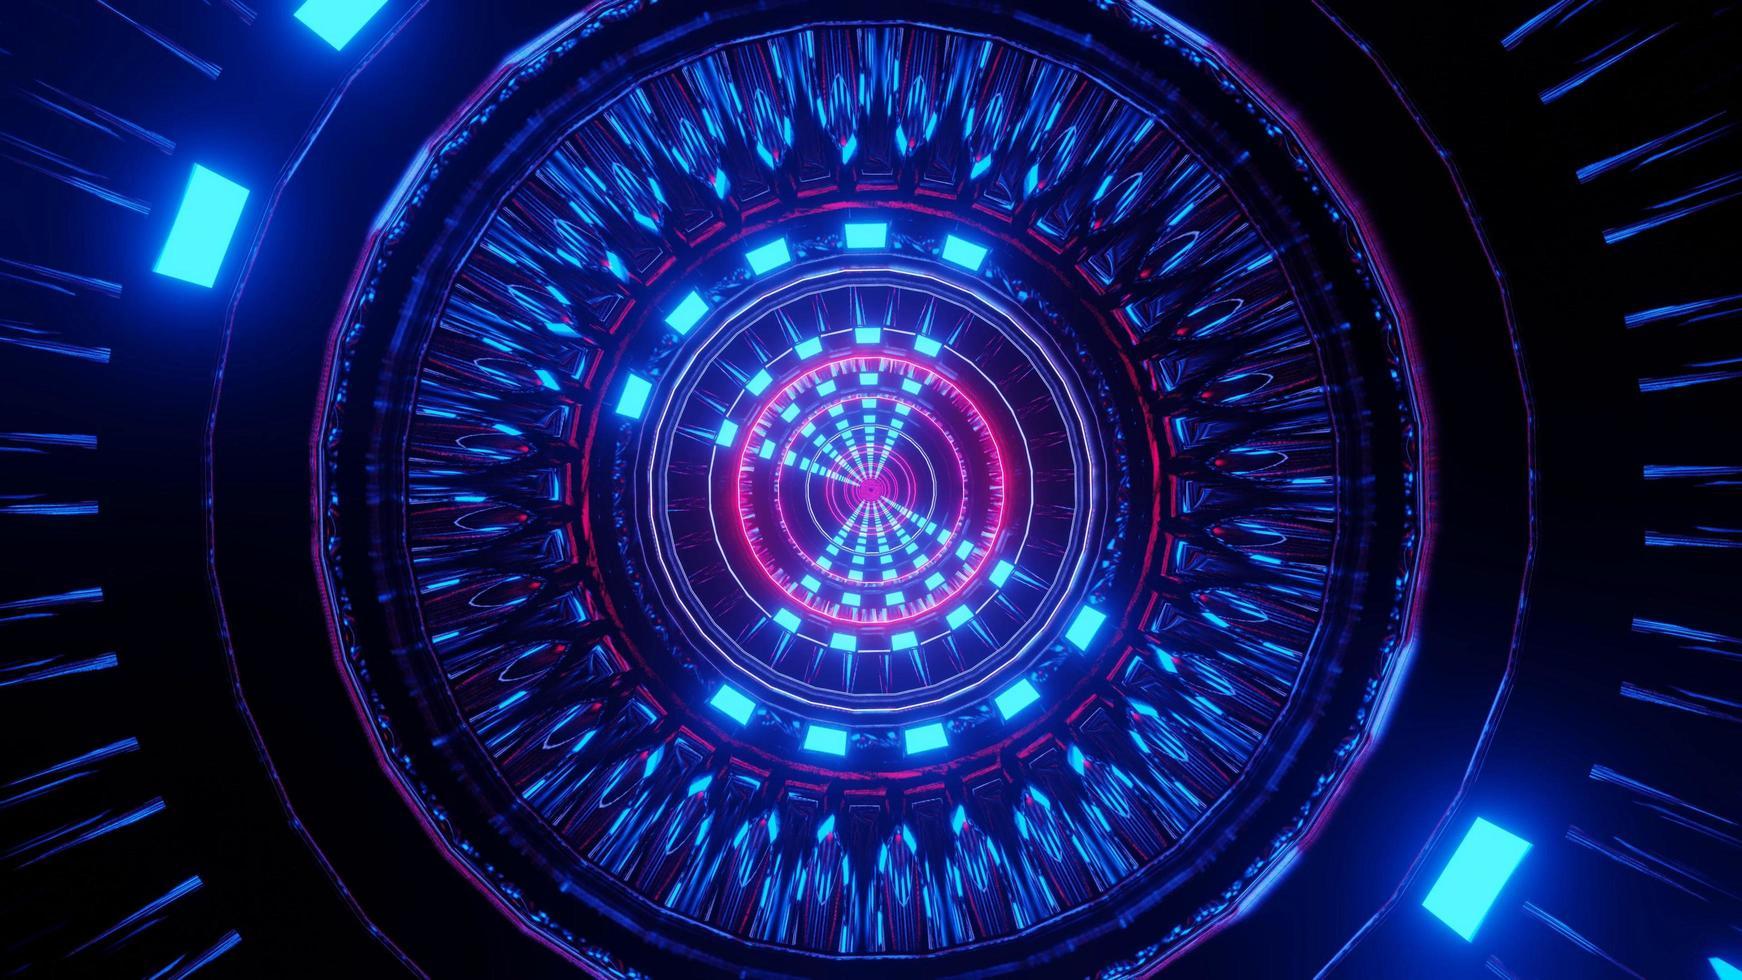 fond d'illustration 3d de passerelle néon de science-fiction photo